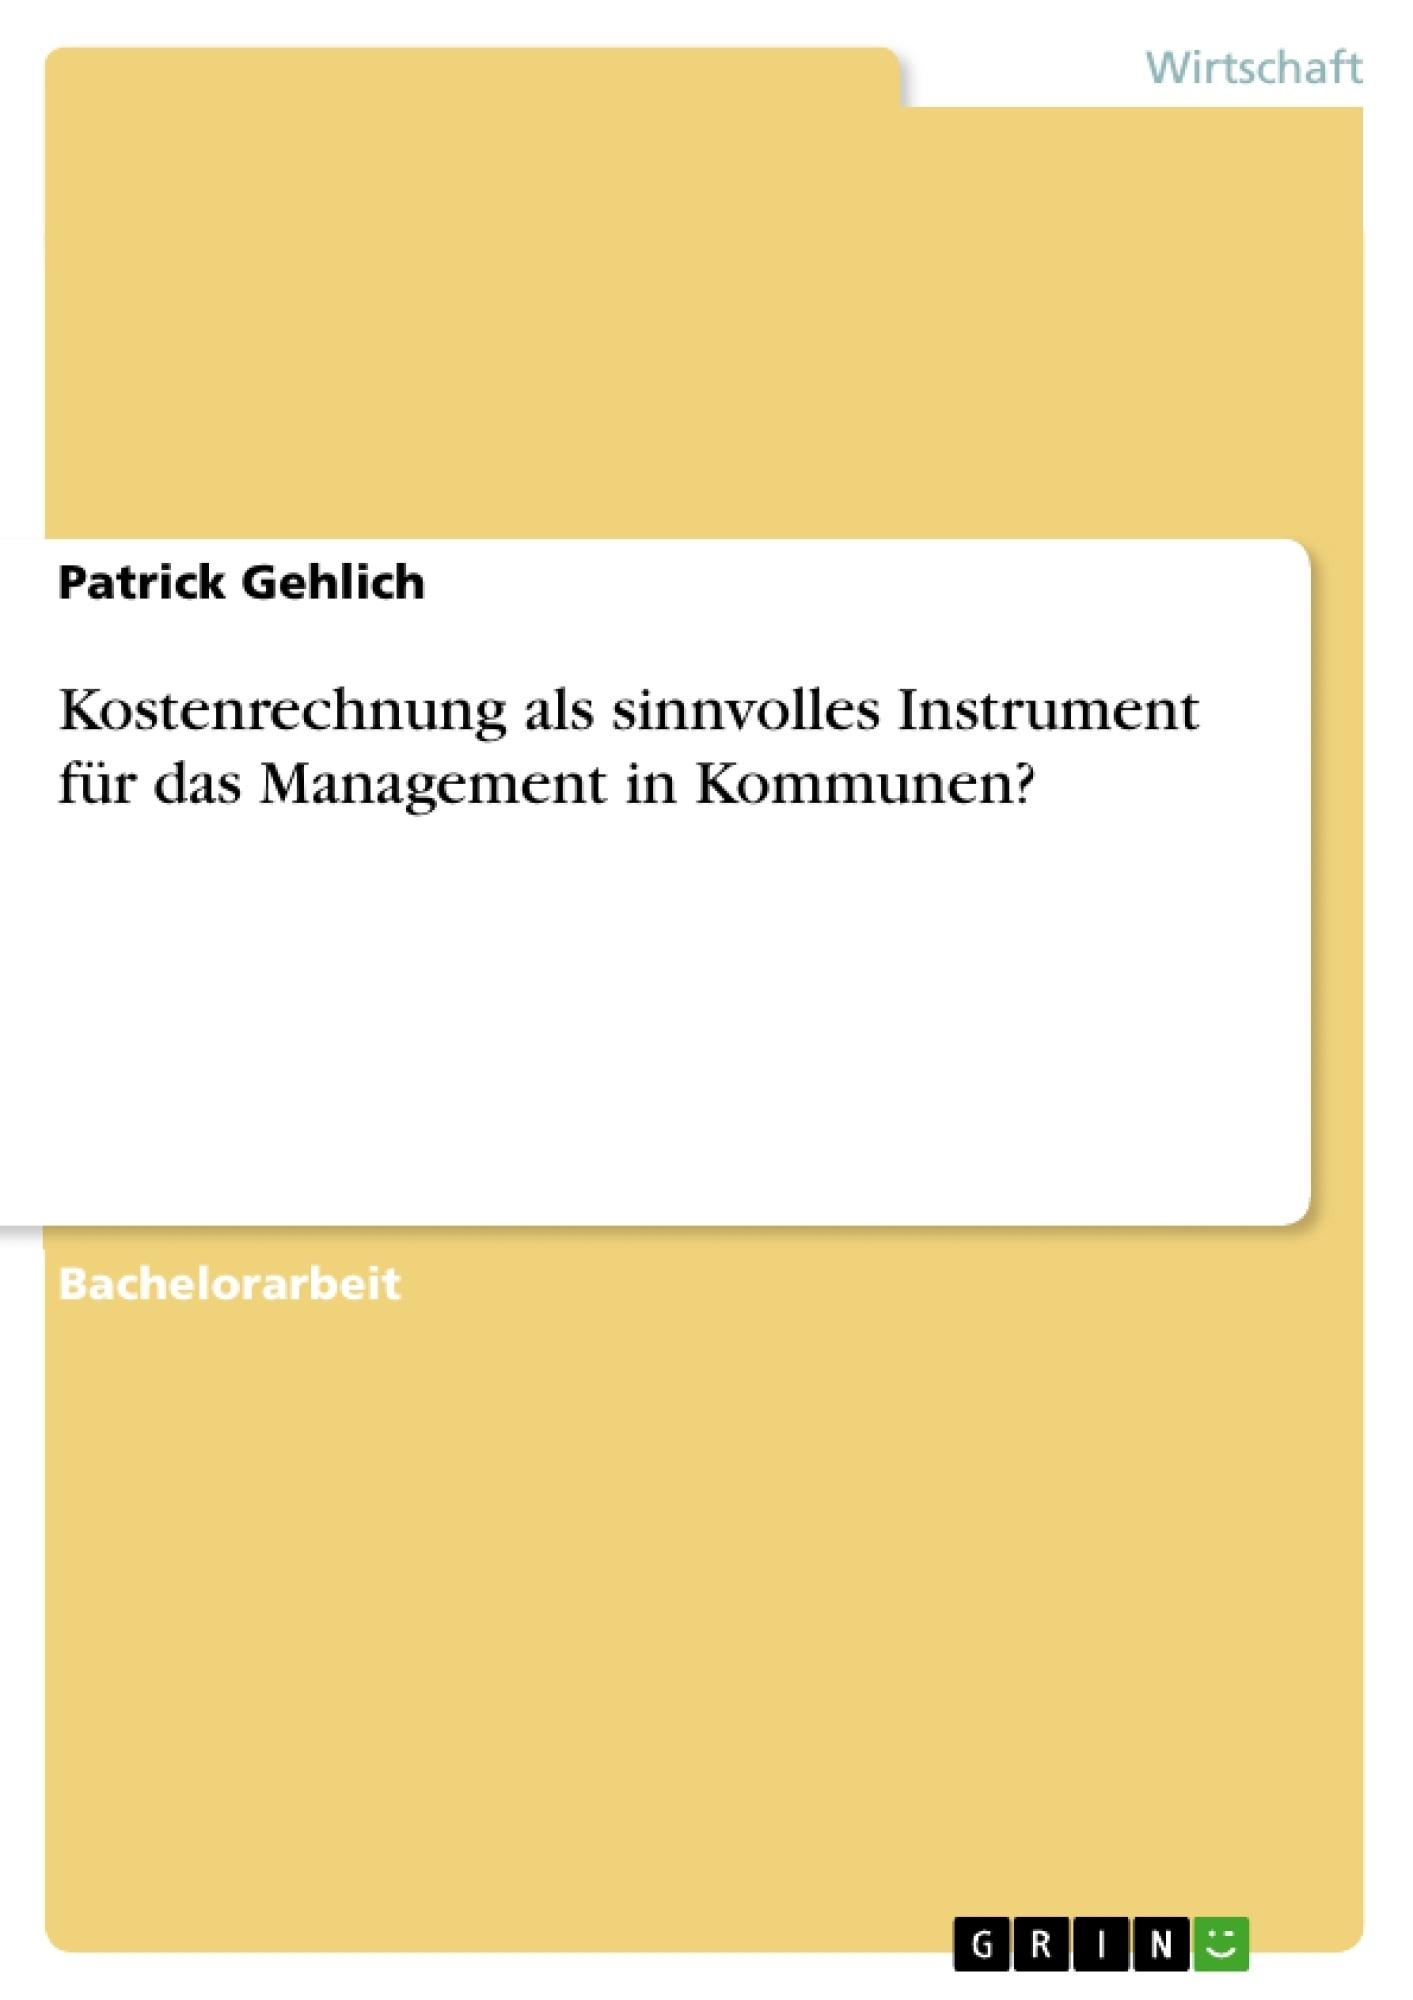 Titel: Kostenrechnung als sinnvolles Instrument für das Management in Kommunen?